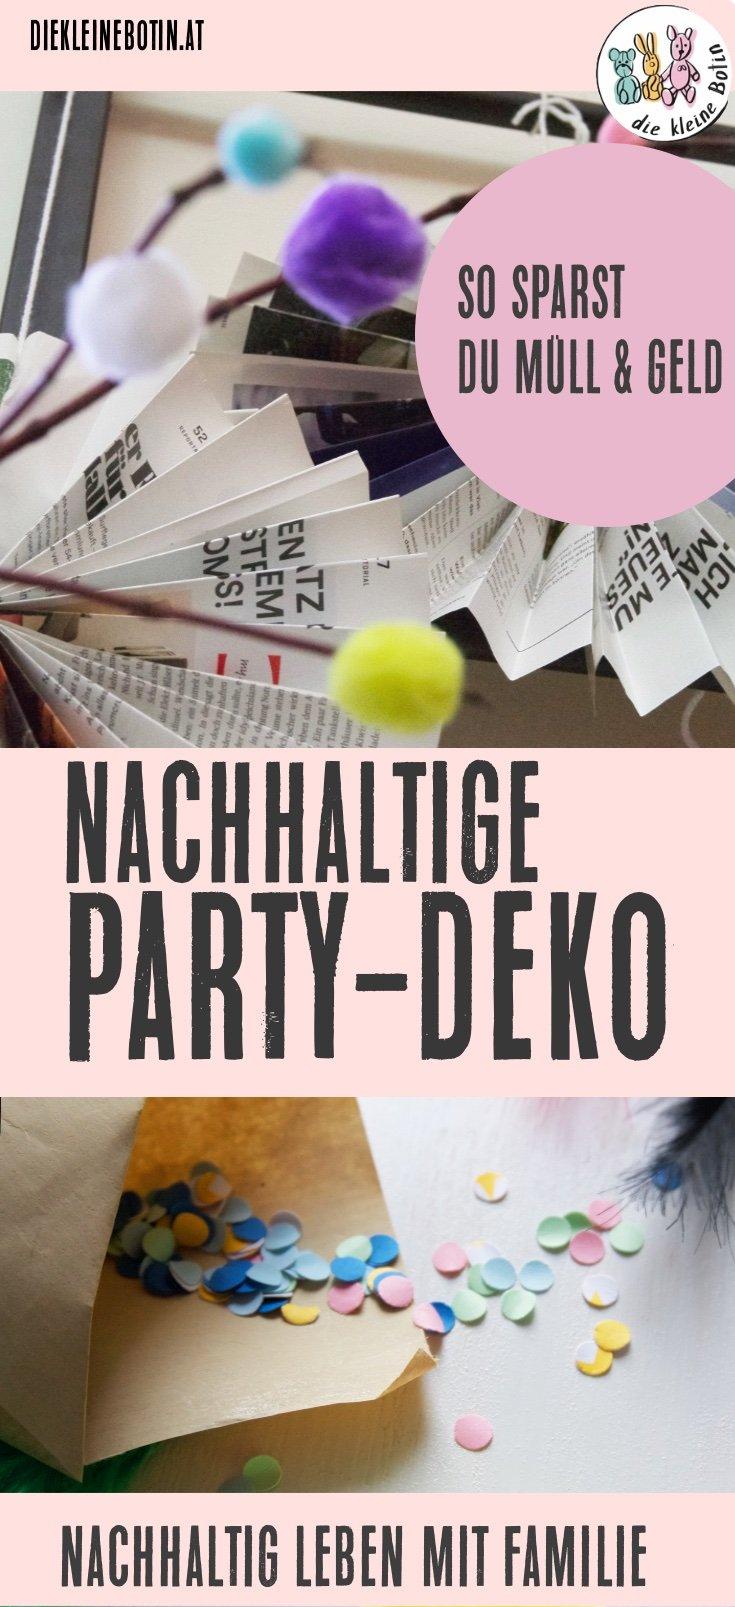 nachhaltige deko party pinterest 1